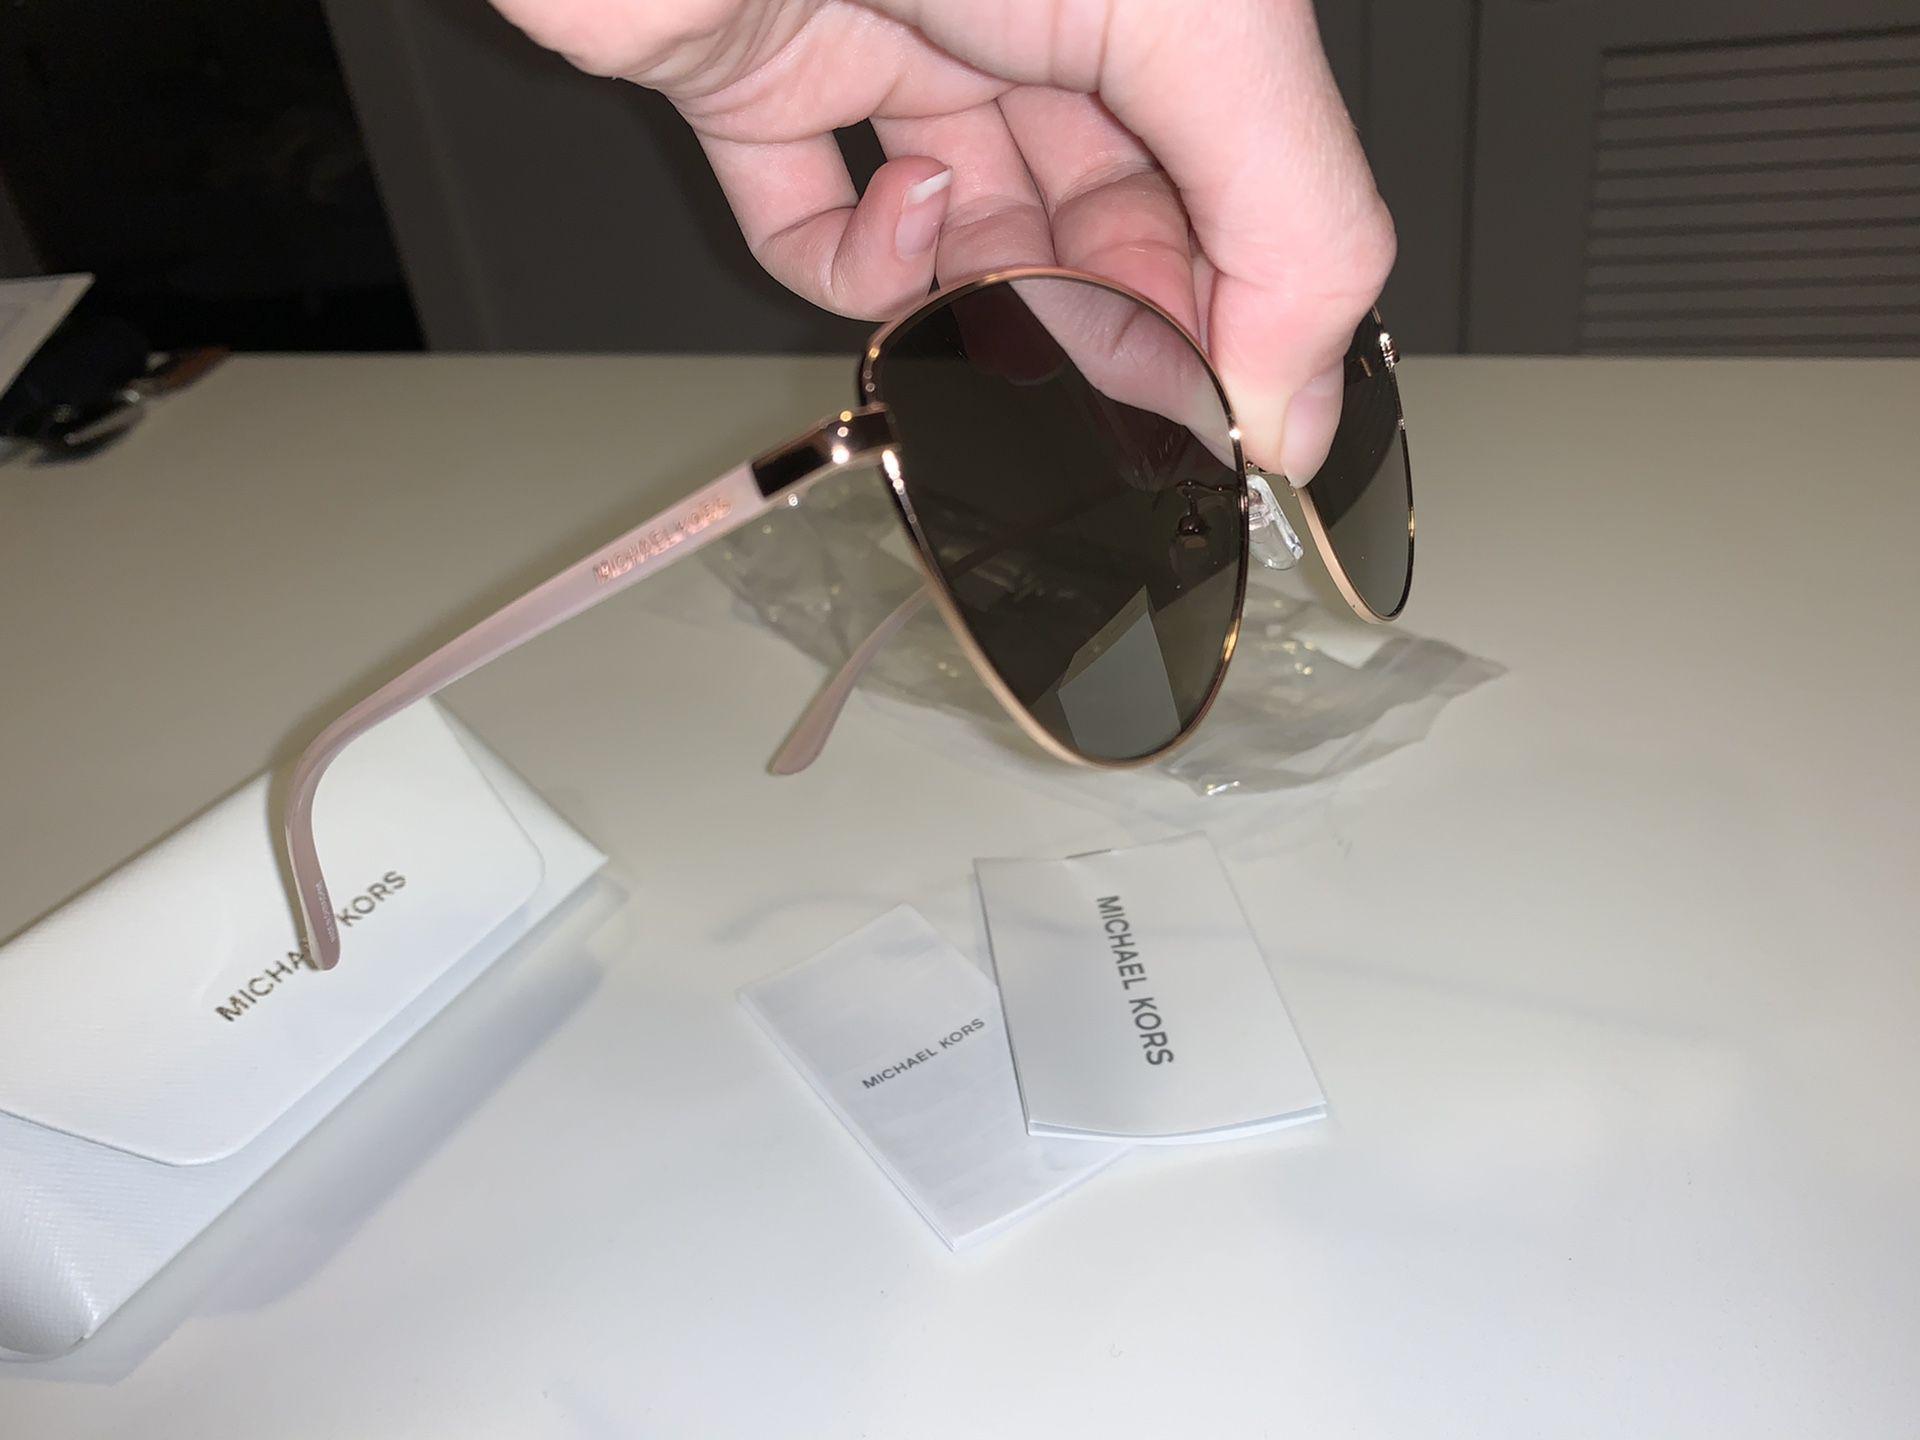 Brand Michael Kors glasses